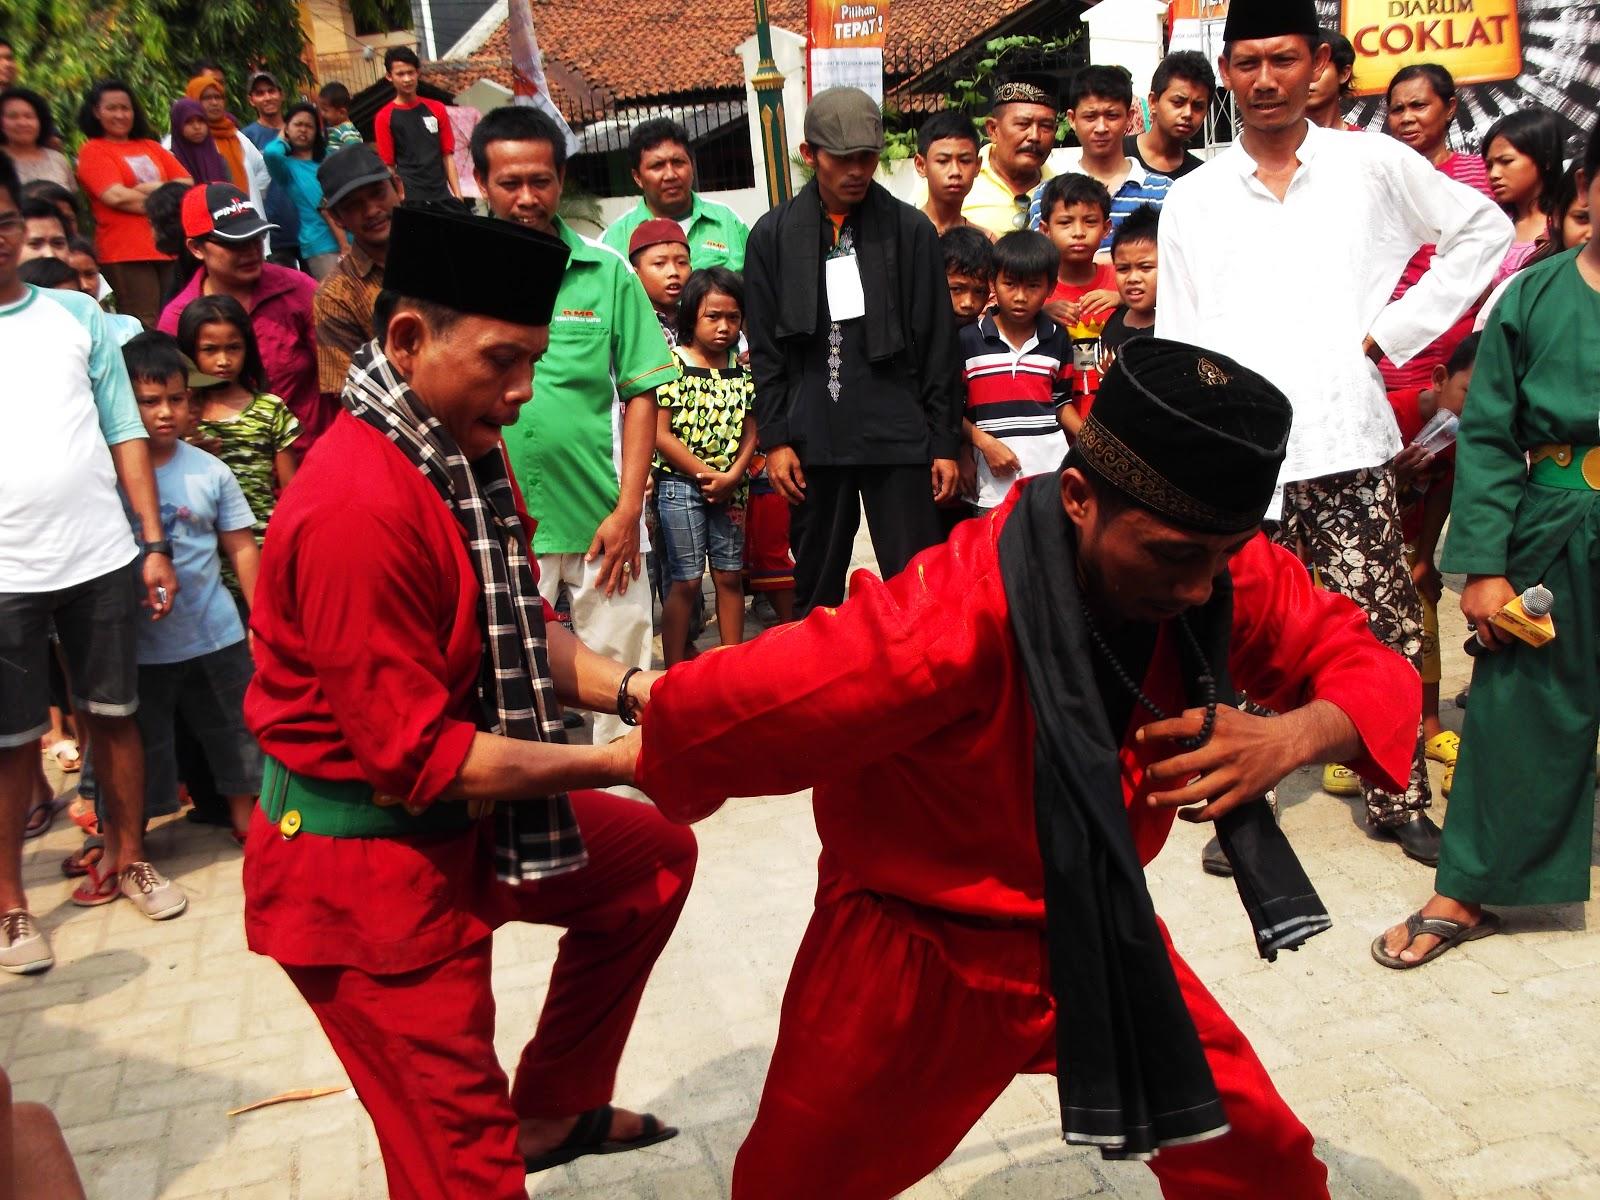 Sanggar Betawi Firman Muntaco Desember 2012